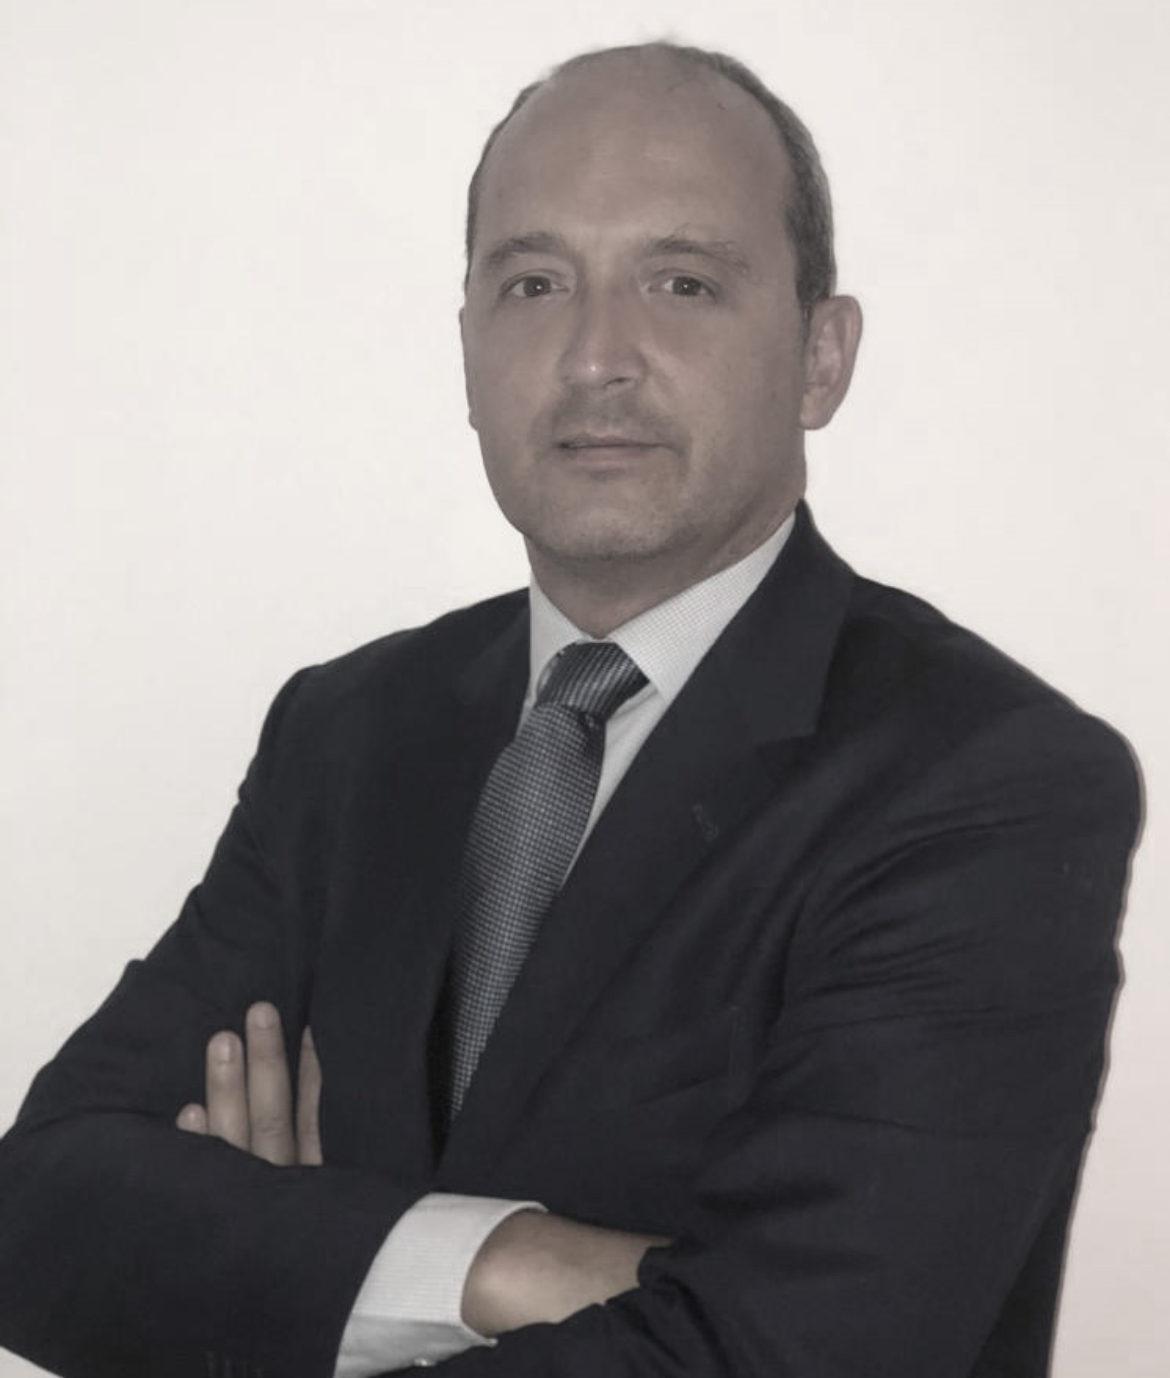 Javier Alvarez Tamés